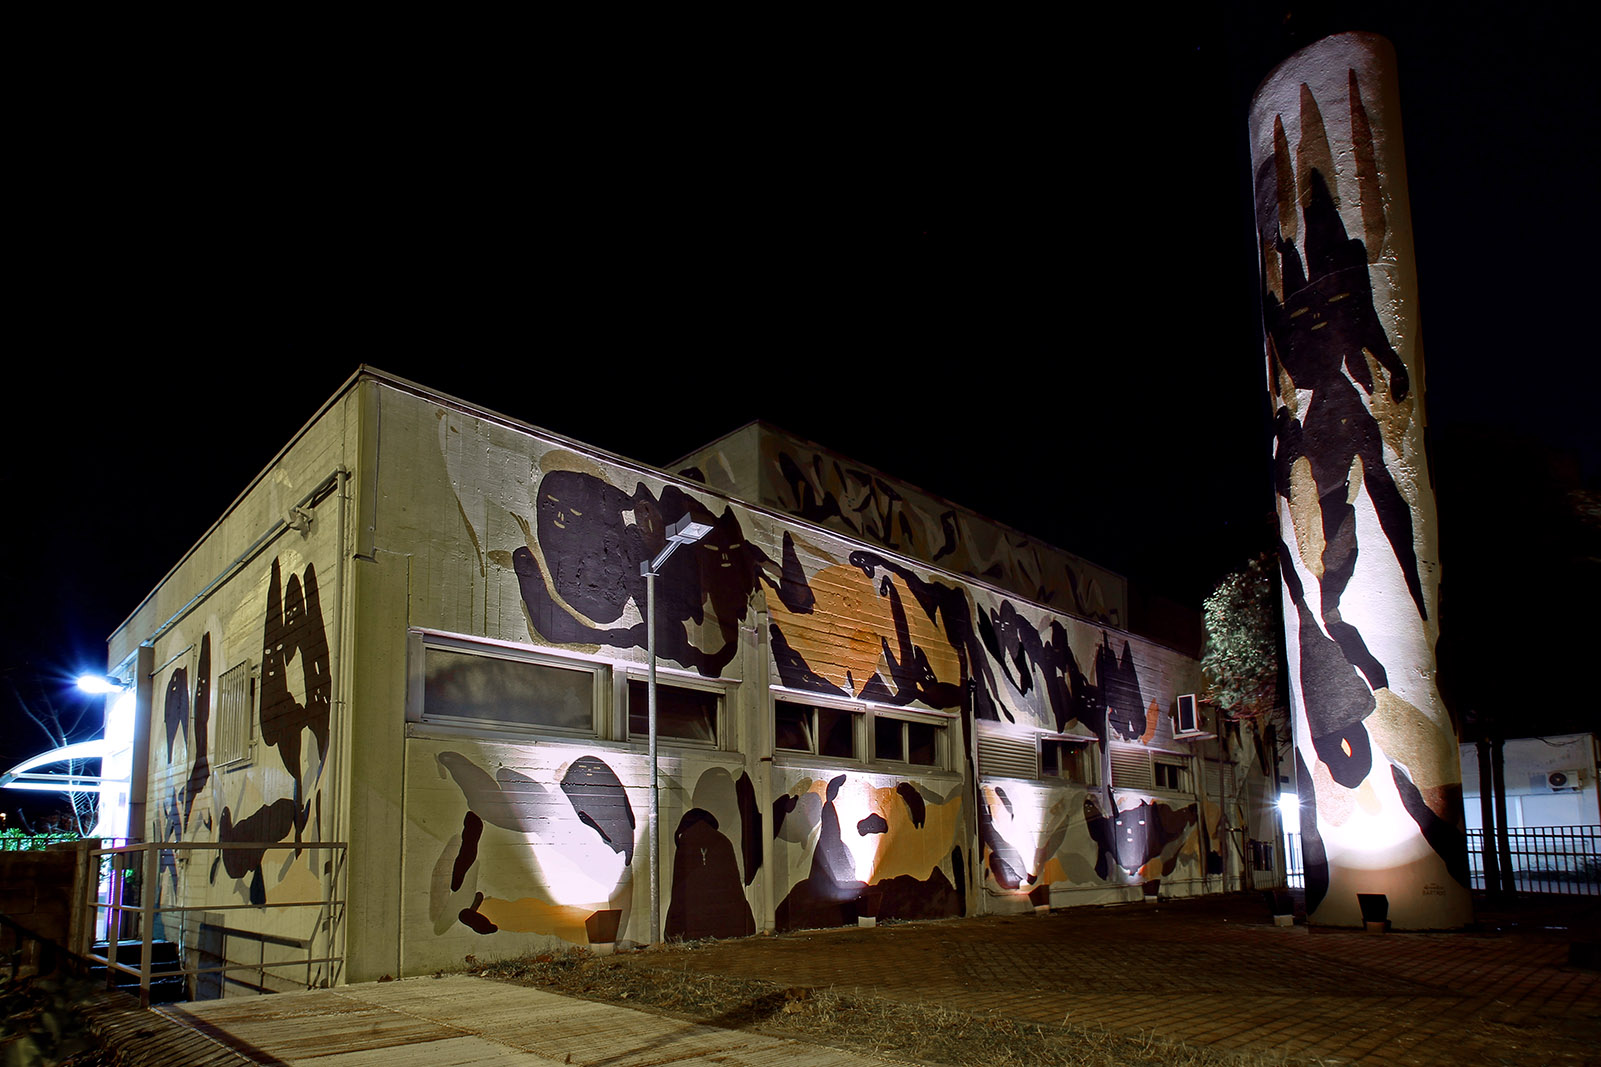 giorgio-bartocci-new-mural-in-monza-19